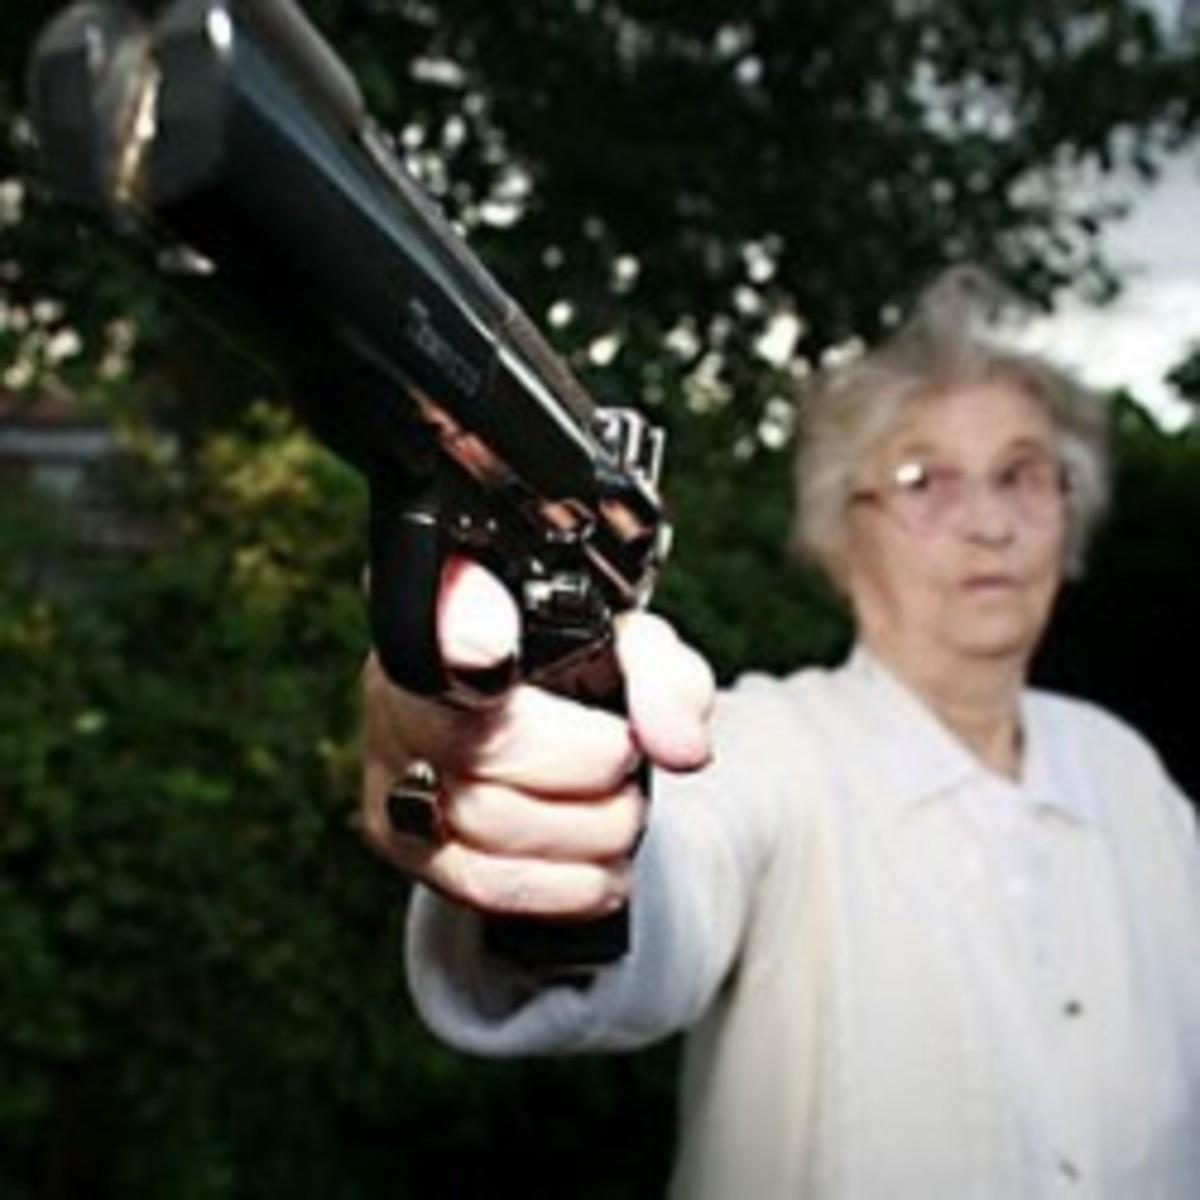 Τρίκαλα:Όταν της είπαν για »κούρεμα ομολόγων» η γιαγιά έβγαλε όπλο στην τράπεζα! | Newsit.gr